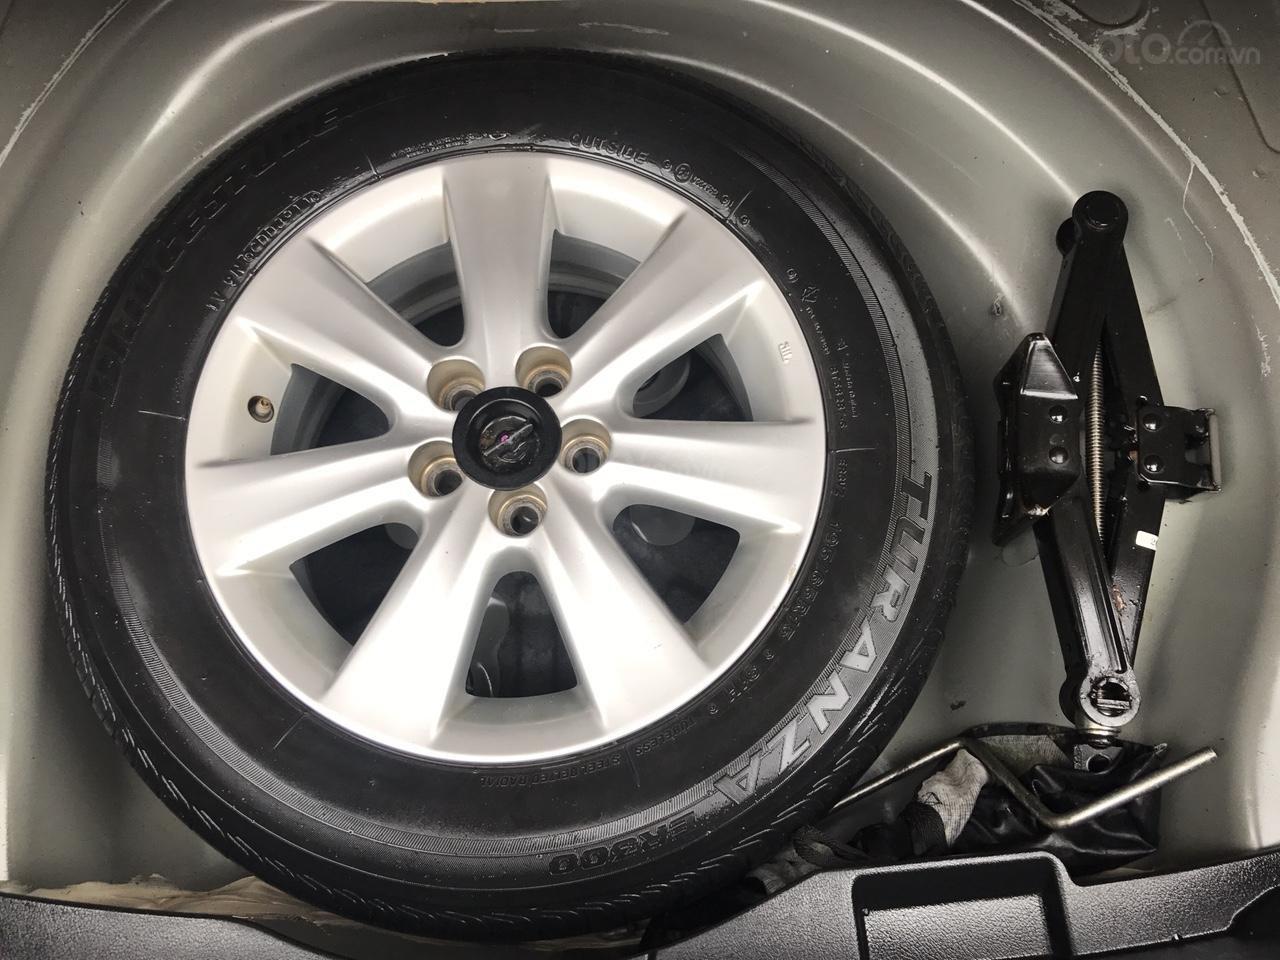 Bán xe Toyota Corolla Altis 1.8G năm sản xuất 2011, màu đen, cực mới siêu lướt-21